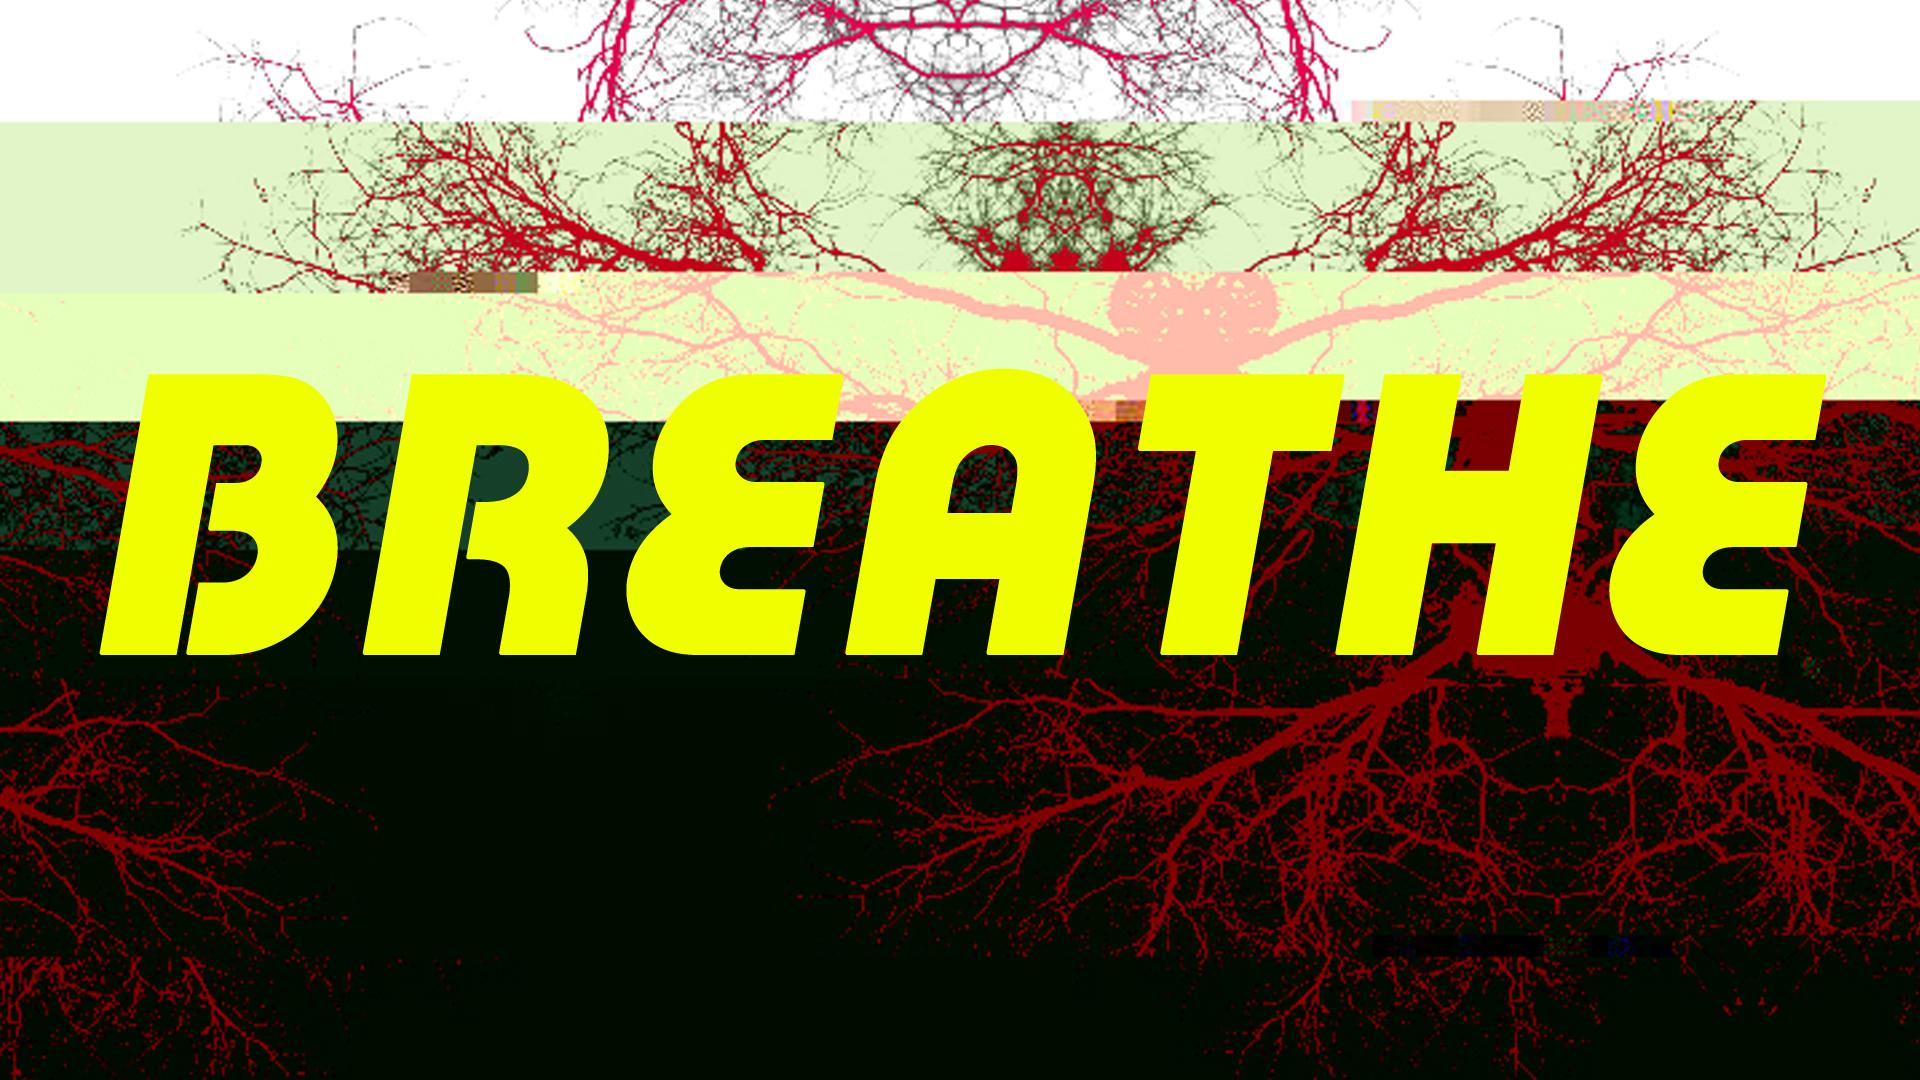 BREATHE_008